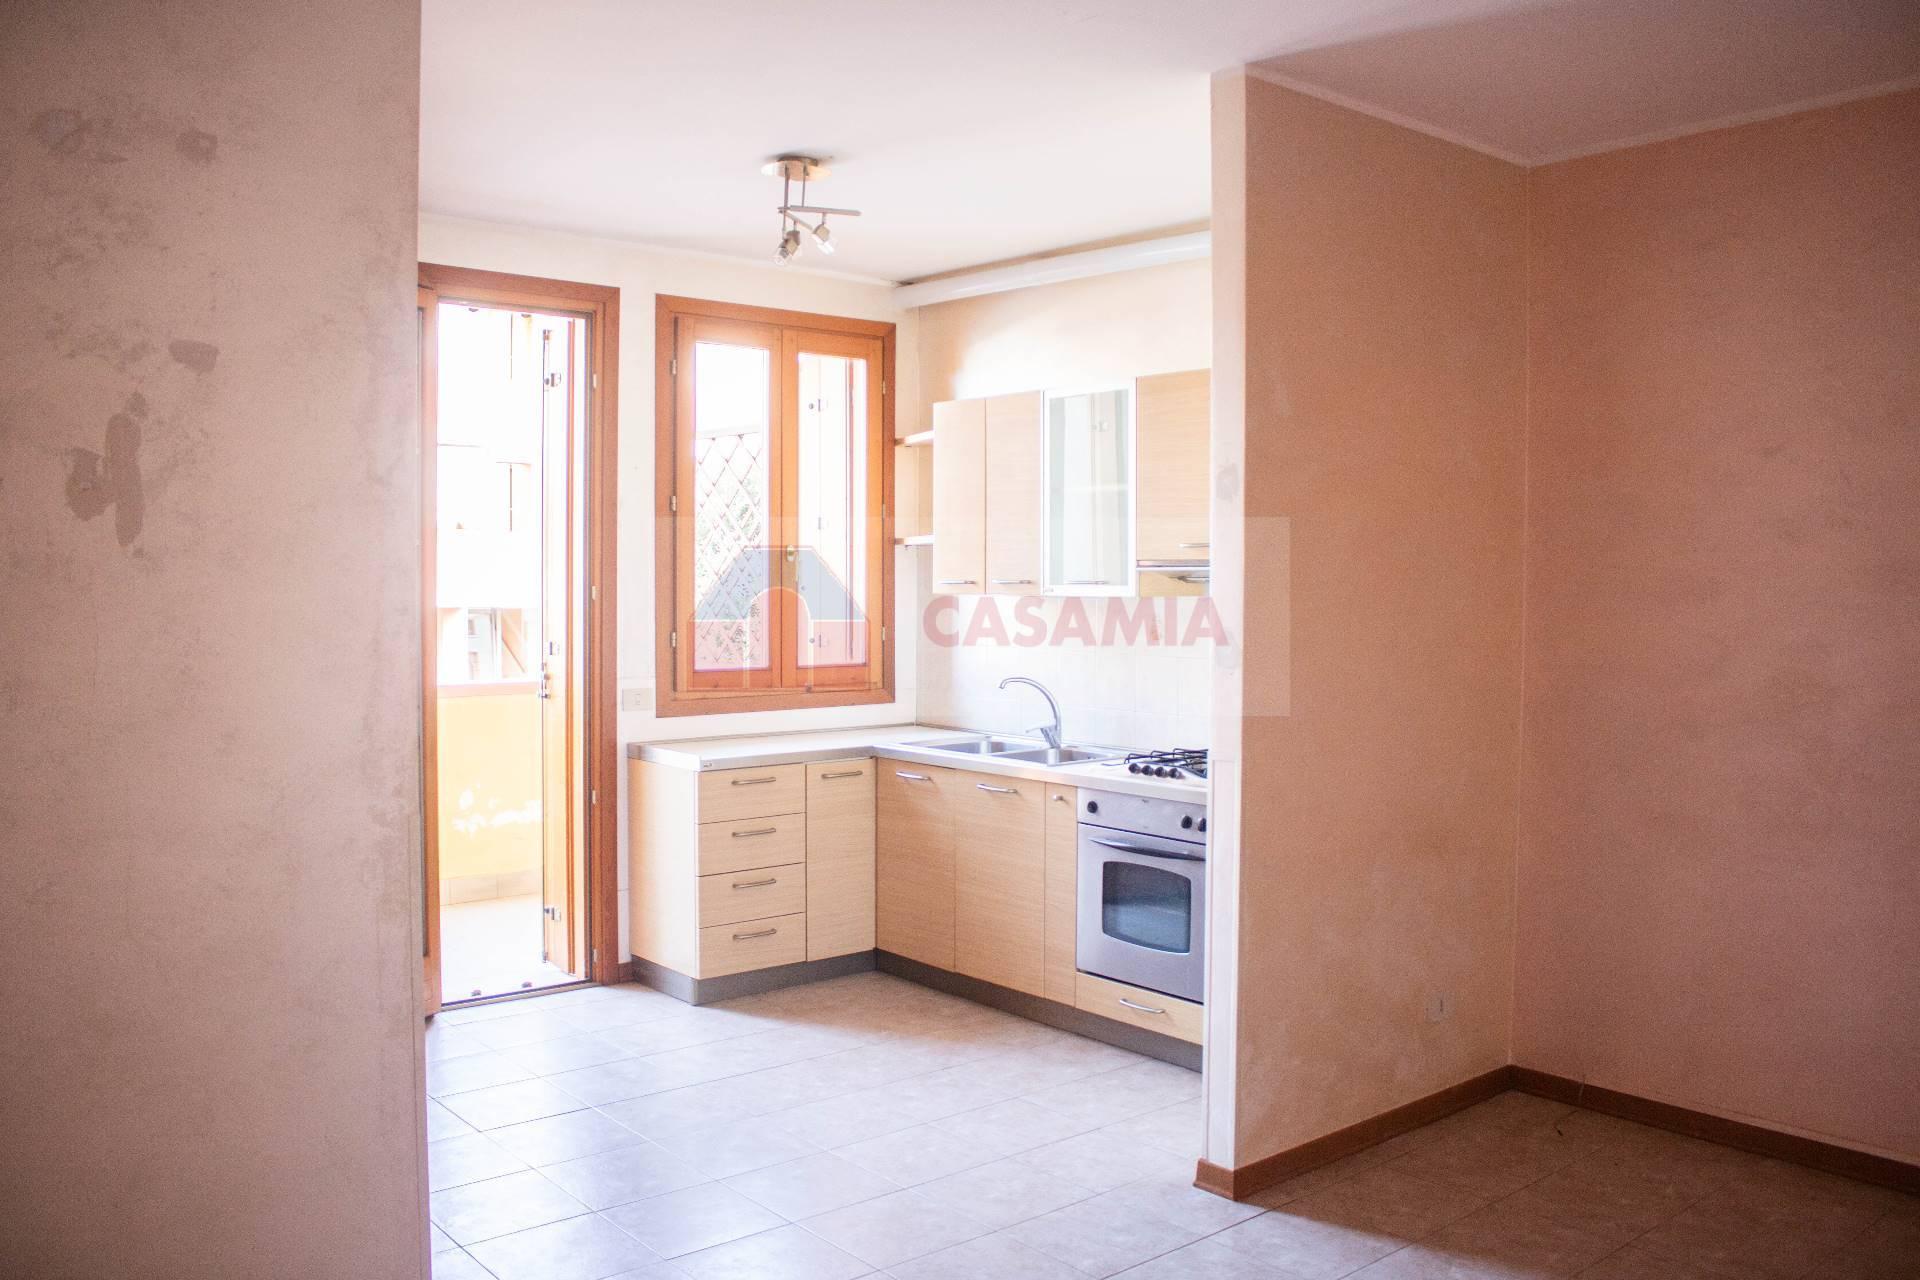 Appartamento in vendita a Motta di Livenza, 5 locali, zona Località: SanGiovanni, prezzo € 91.000 | PortaleAgenzieImmobiliari.it